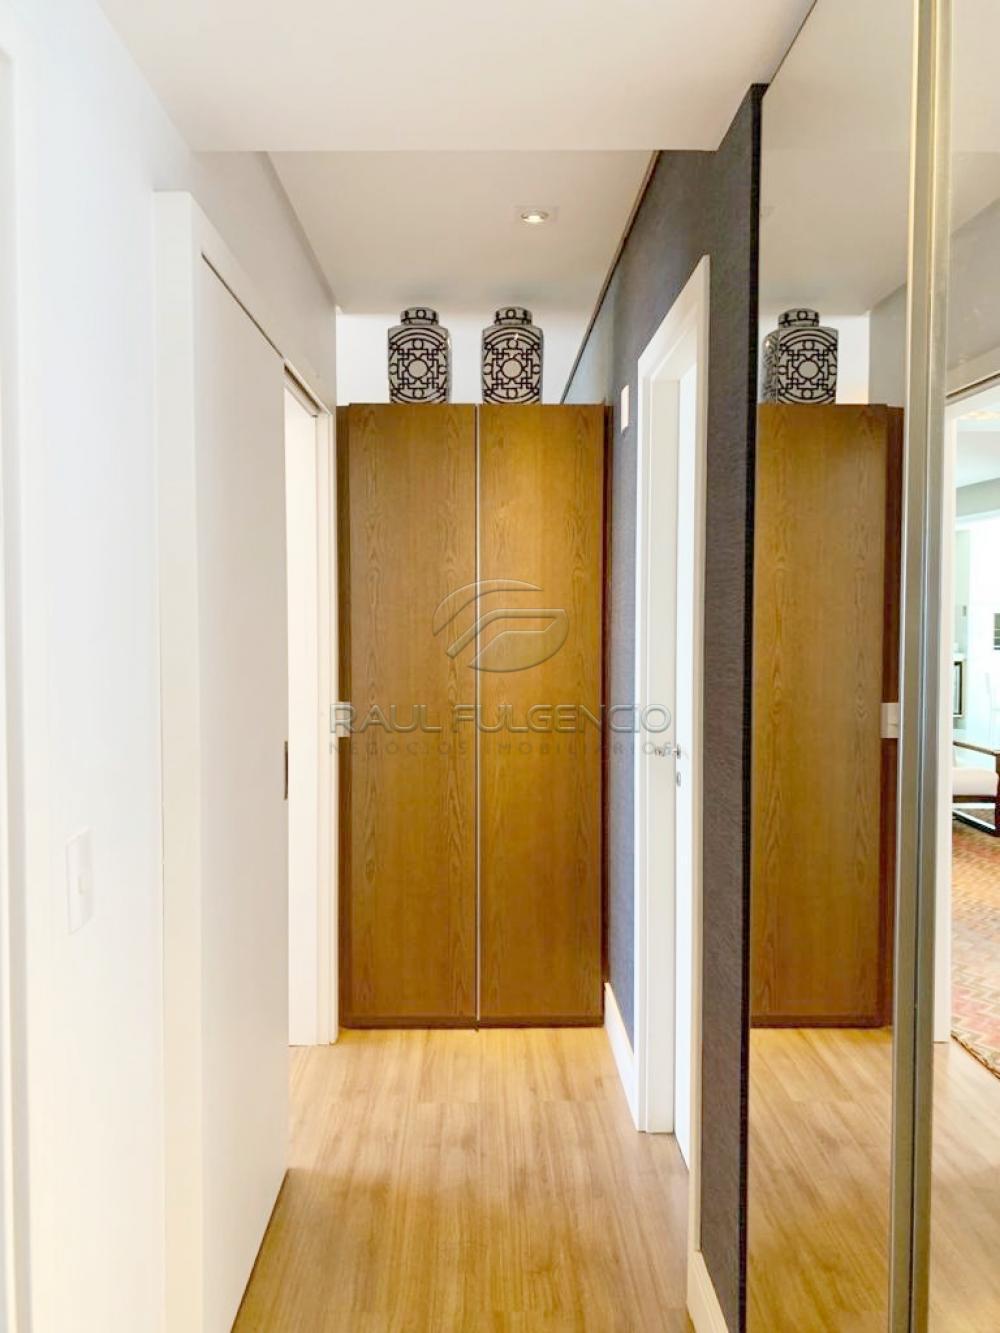 Comprar Apartamento / Padrão em Londrina apenas R$ 1.250.000,00 - Foto 21